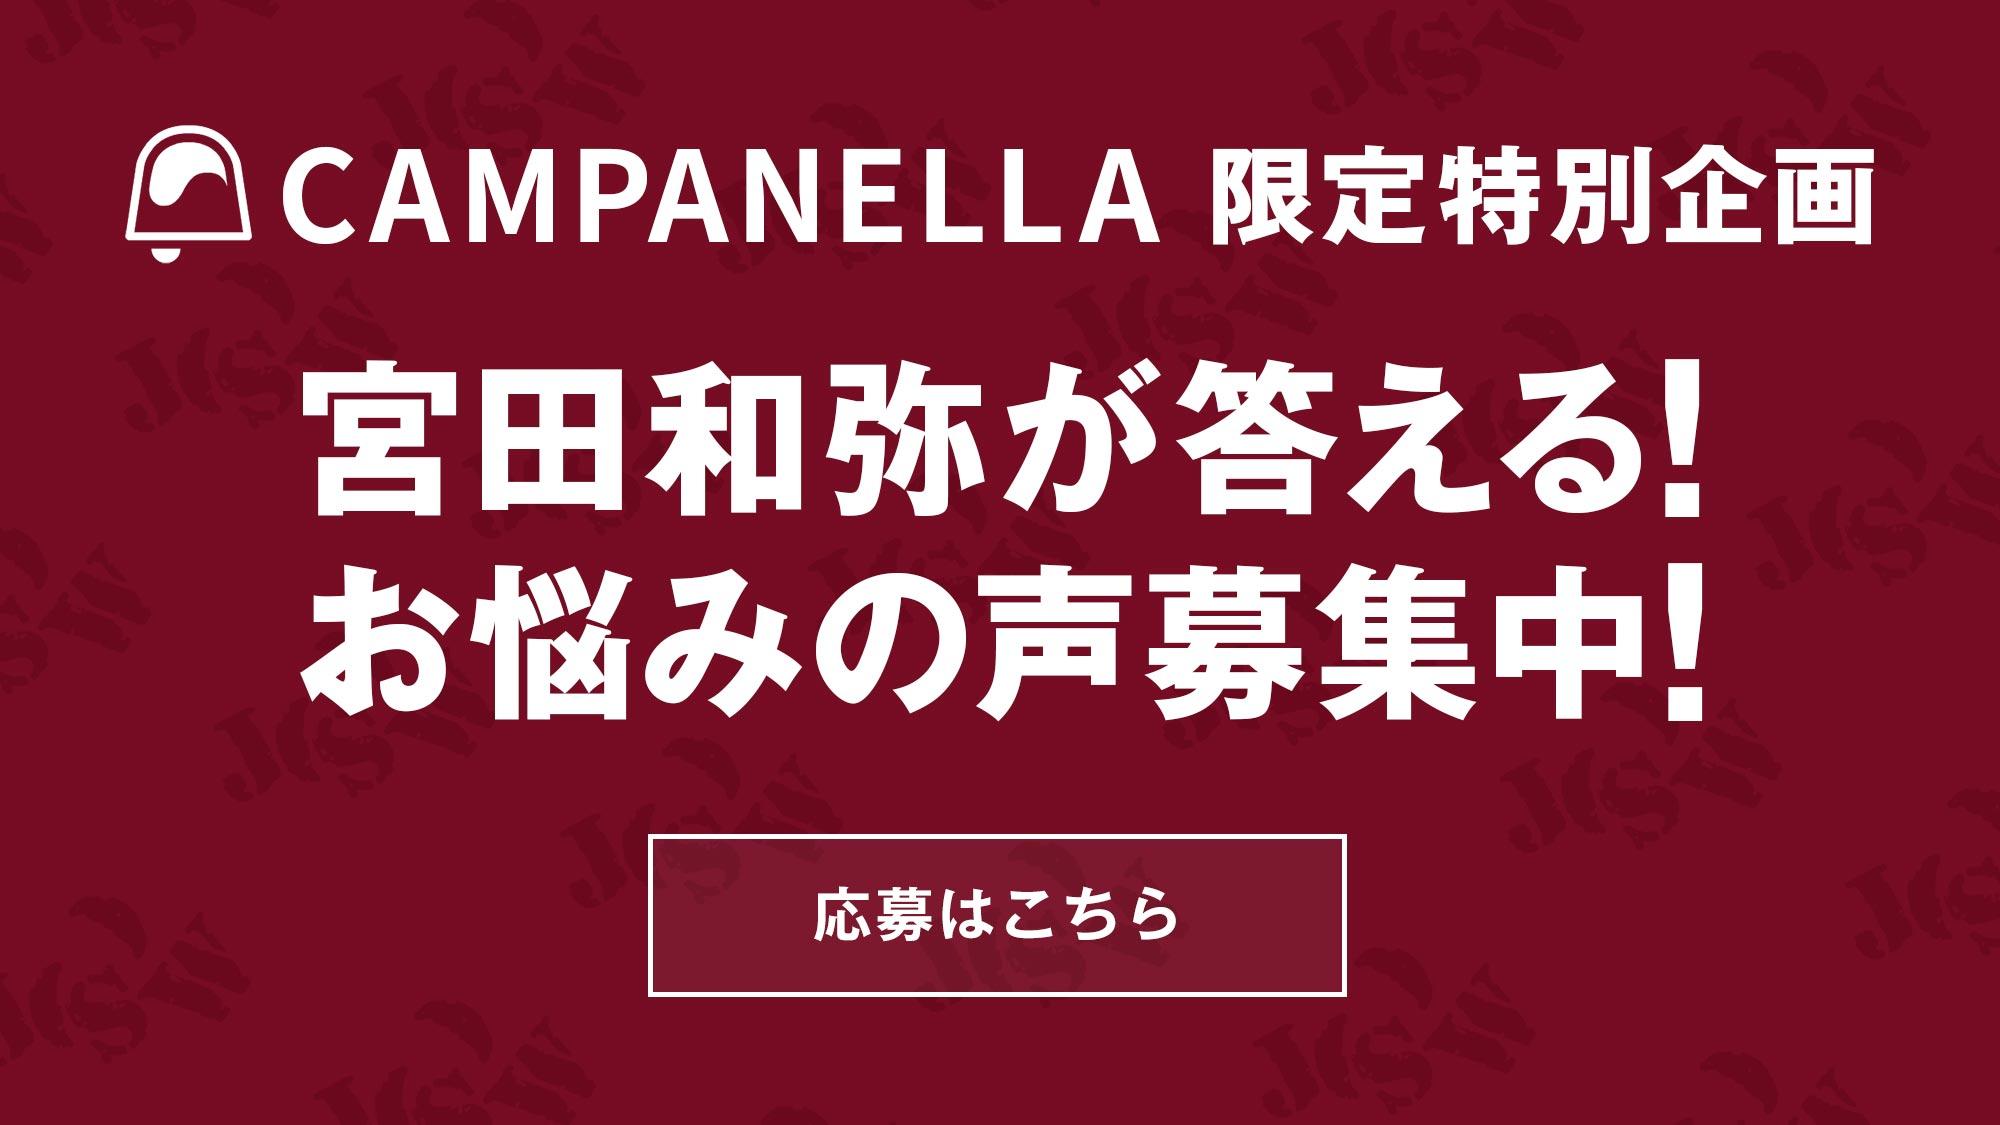 宮田和弥「カンパネラ」お悩み募集